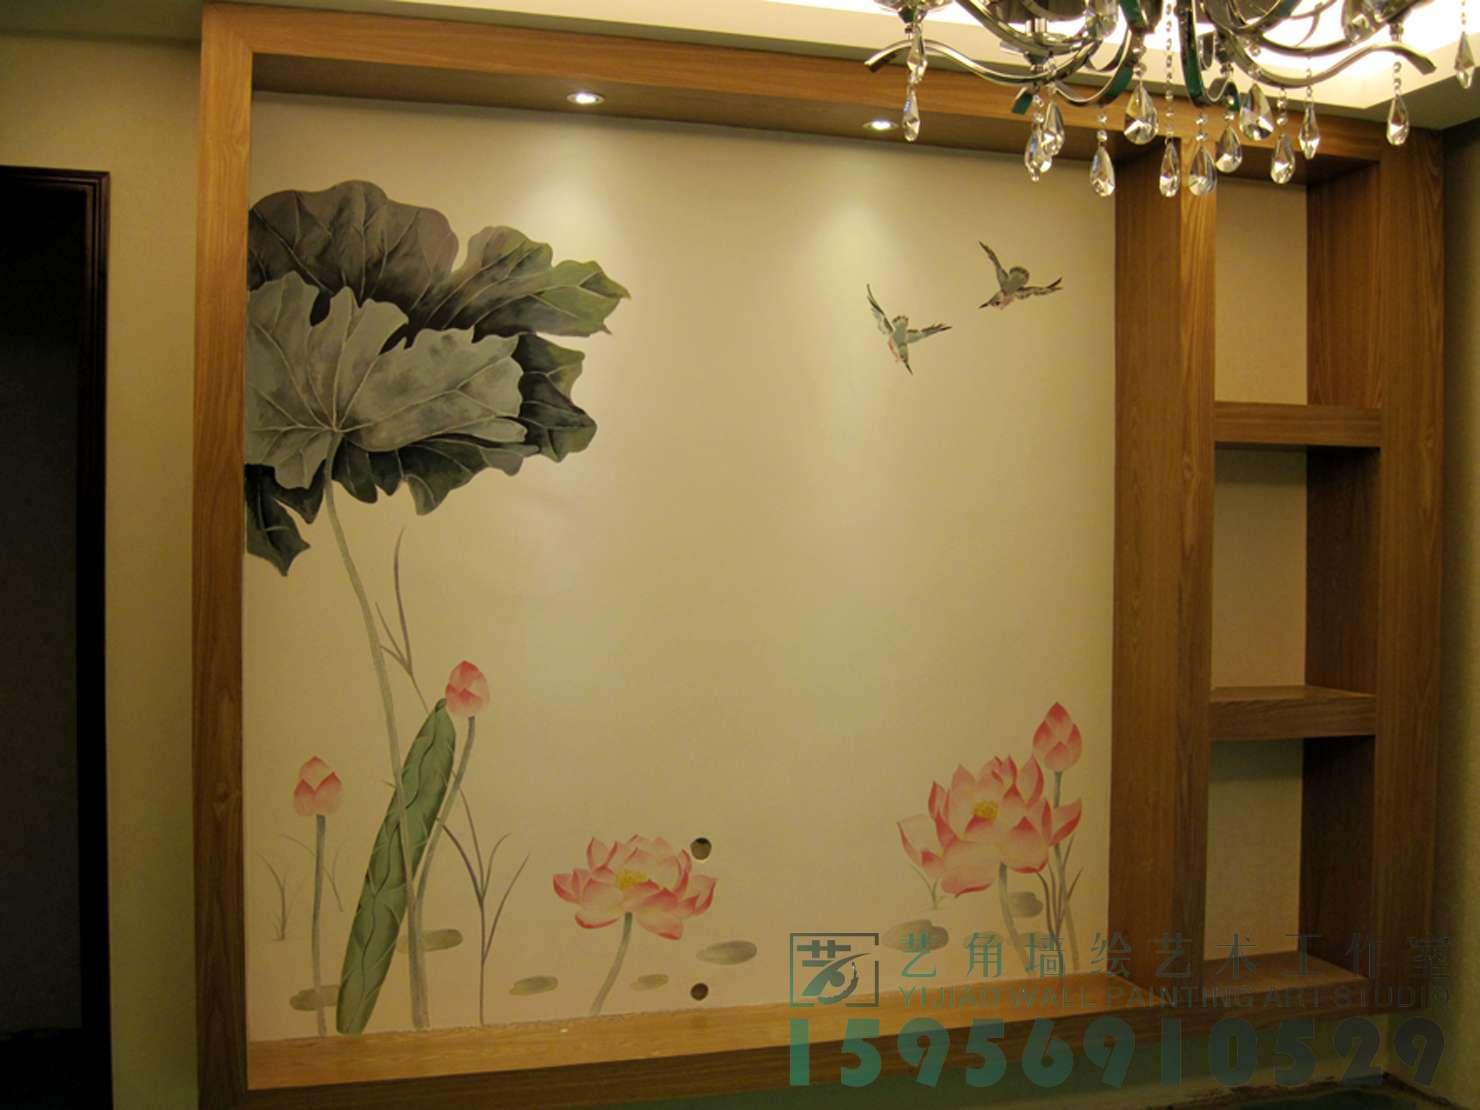 分享到: 上一个: 电视背景墙工笔荷花彩绘 下一个: 电视背景墙彩绘图片